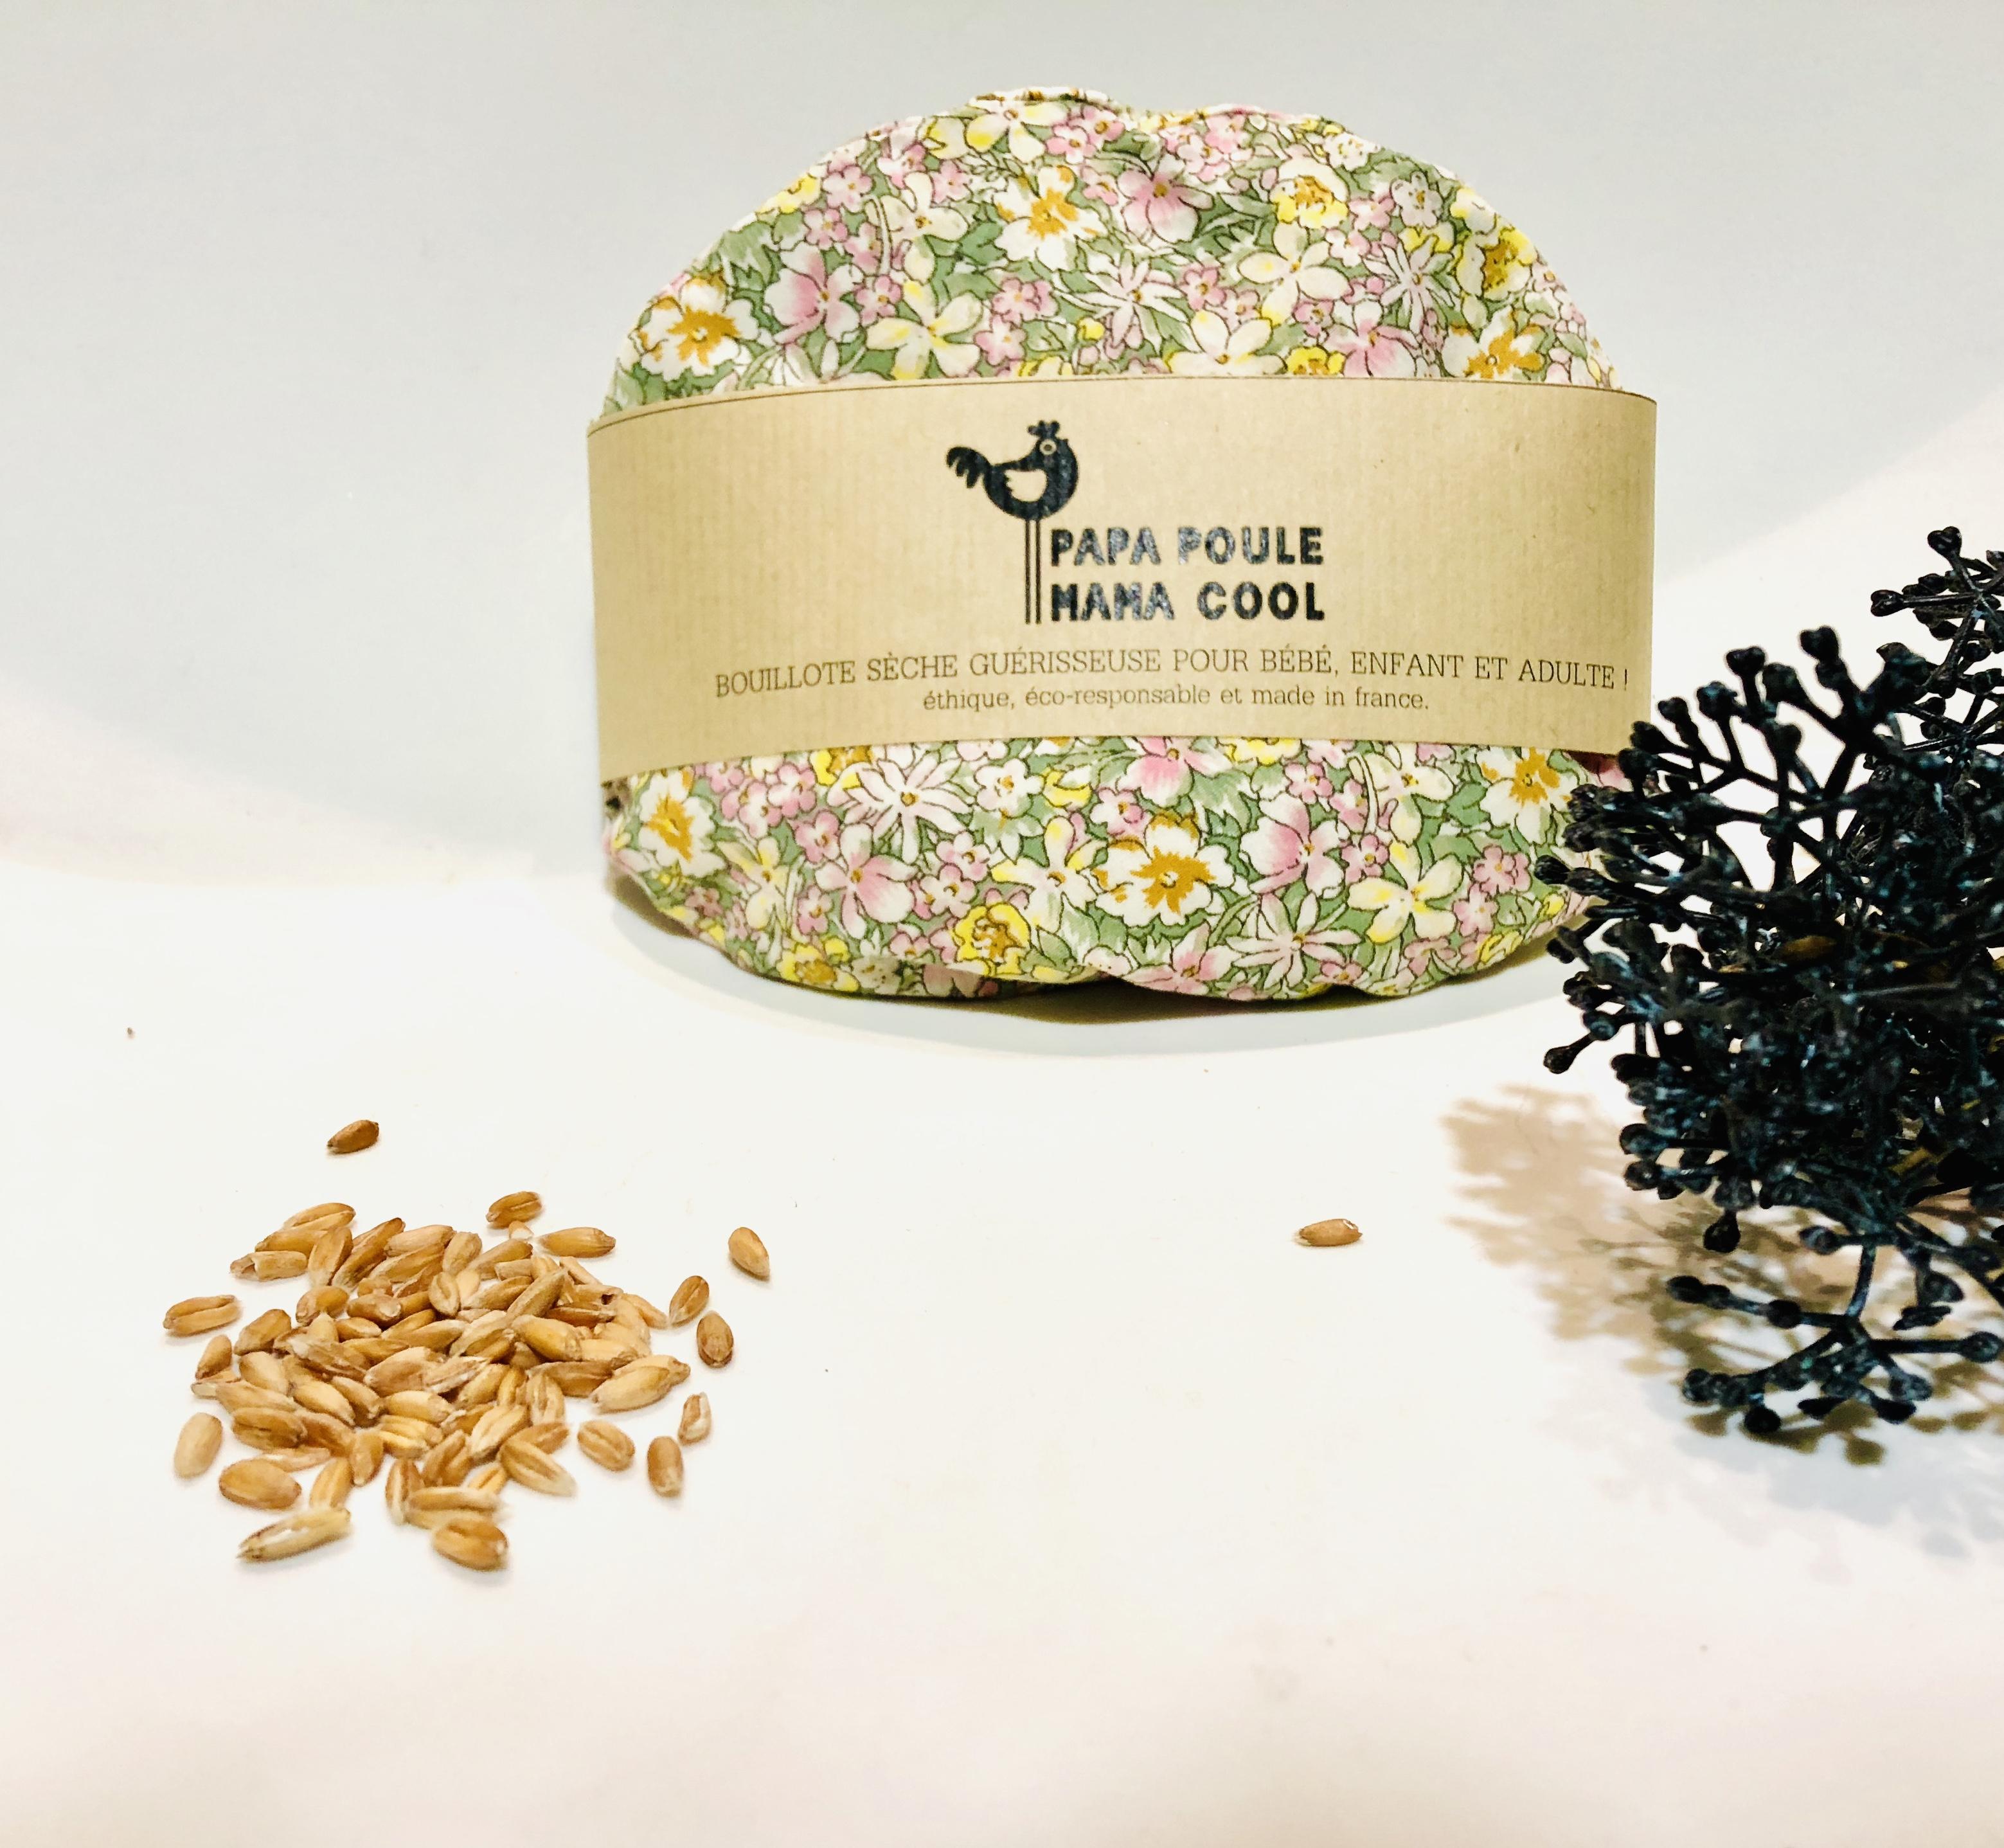 Bouillotte sèche aux graines d'épeautre bio Française et motif fleuri